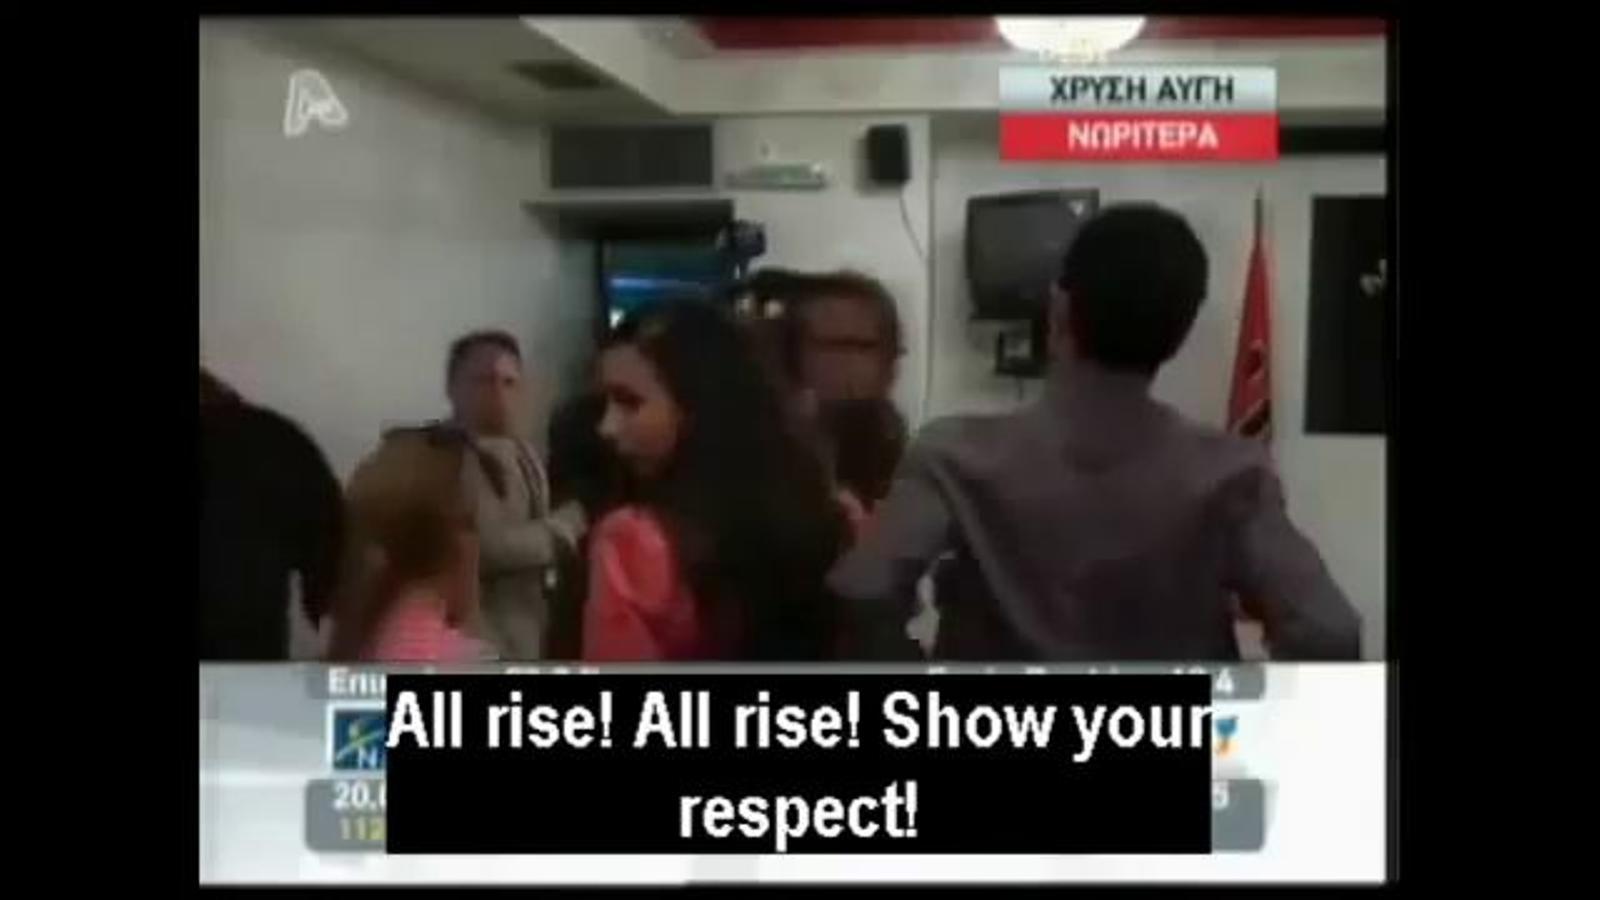 El partit neonazi grec Alba Daurada exigeix als periodistes que es posin drets per rebre el seu líder